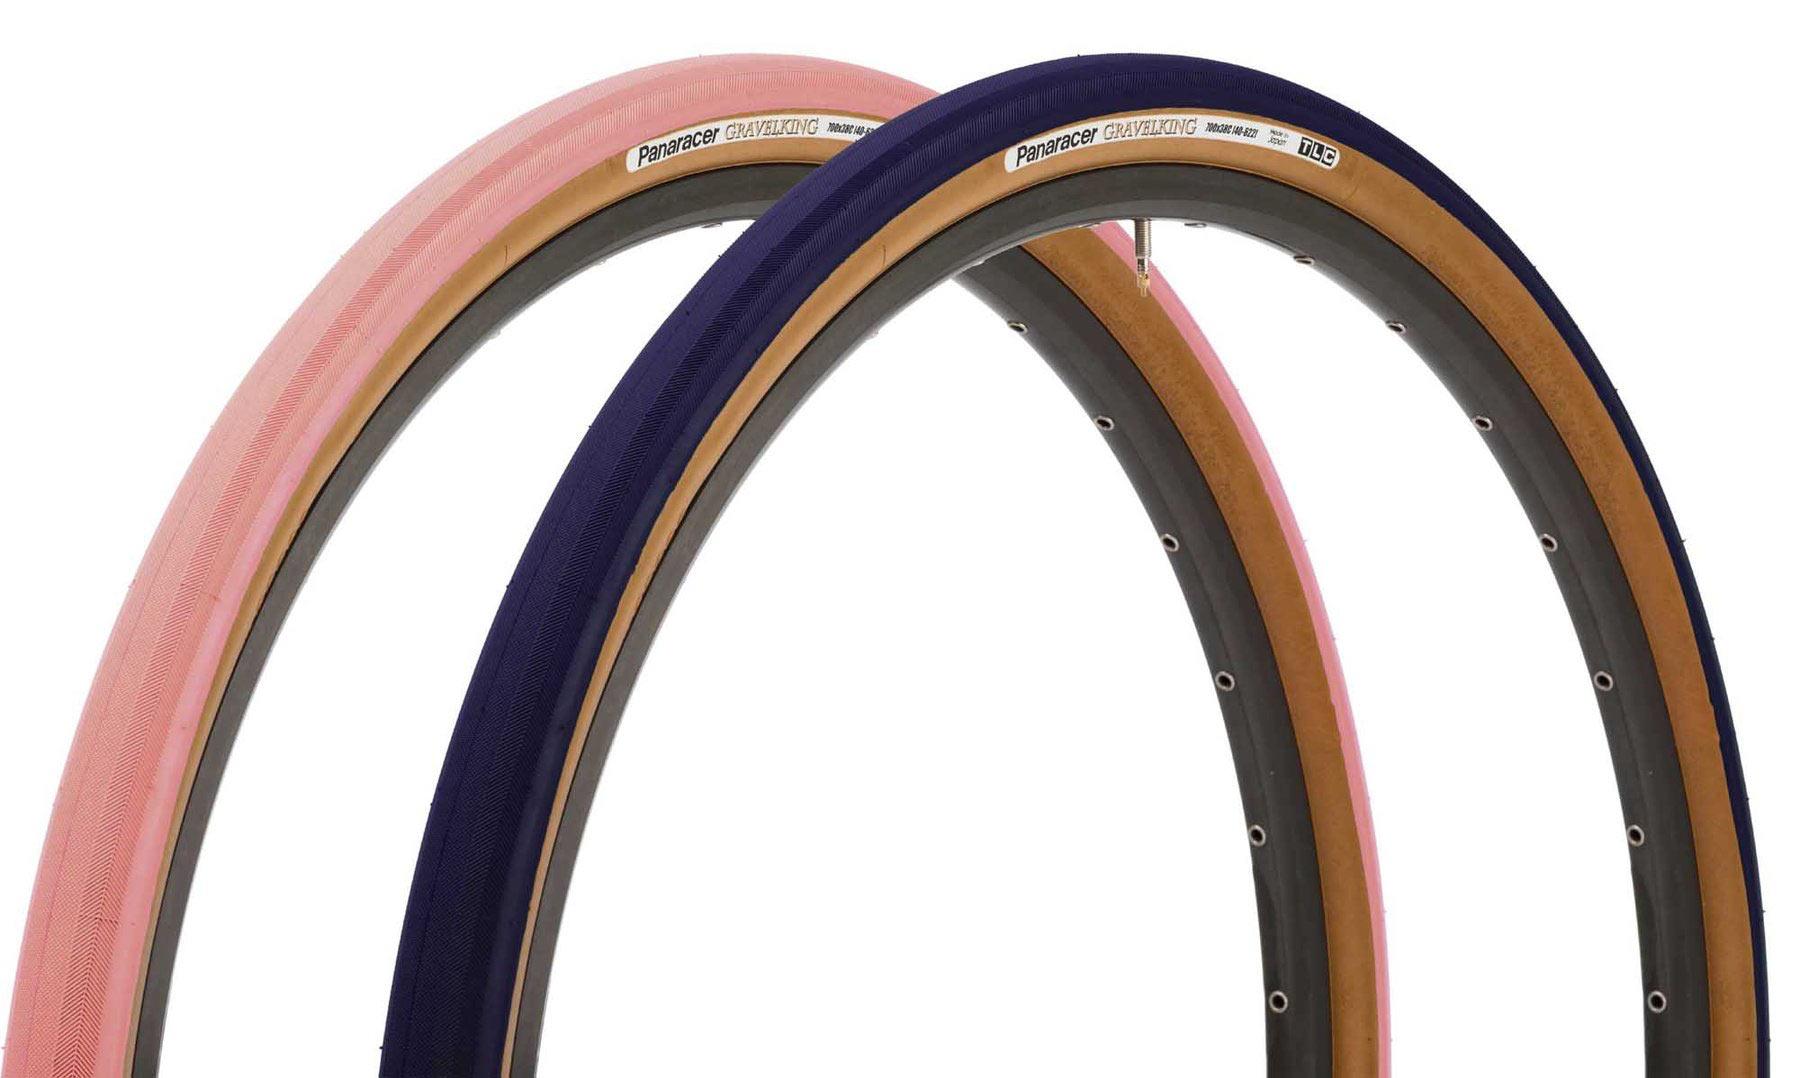 2021 limited edition pink and blue colors for panaracer gravelking slick gravel bike tires